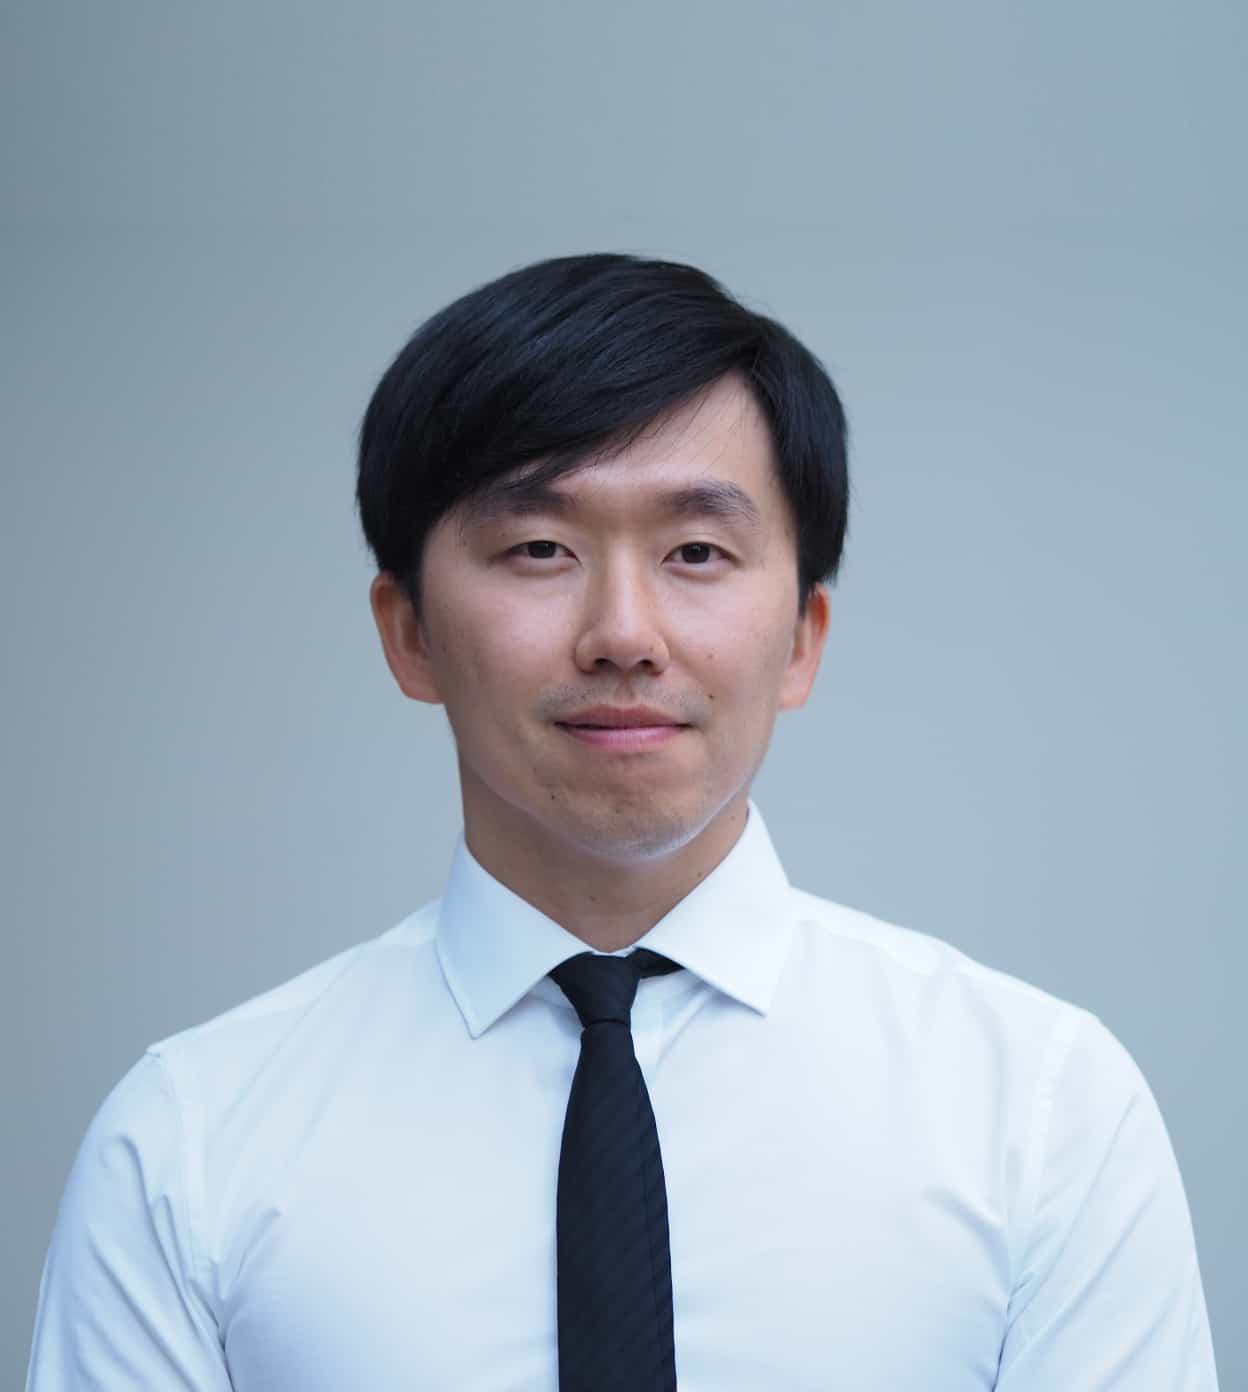 Simon Joo Portrait